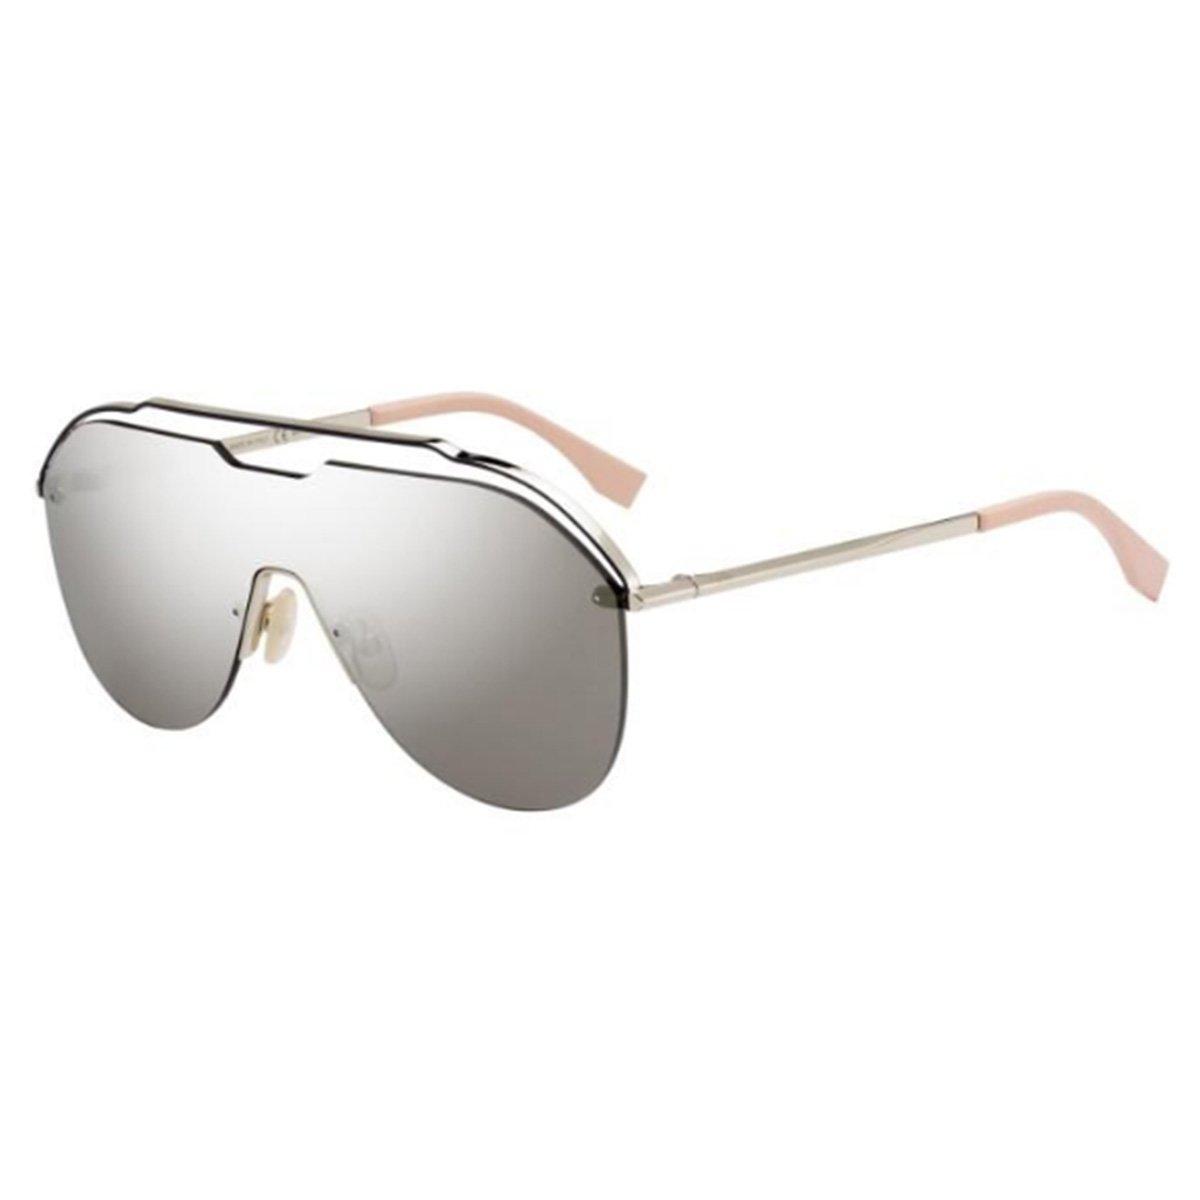 54b983f1c2621 Compre Óculos de Sol Fendi Fancy em 10X